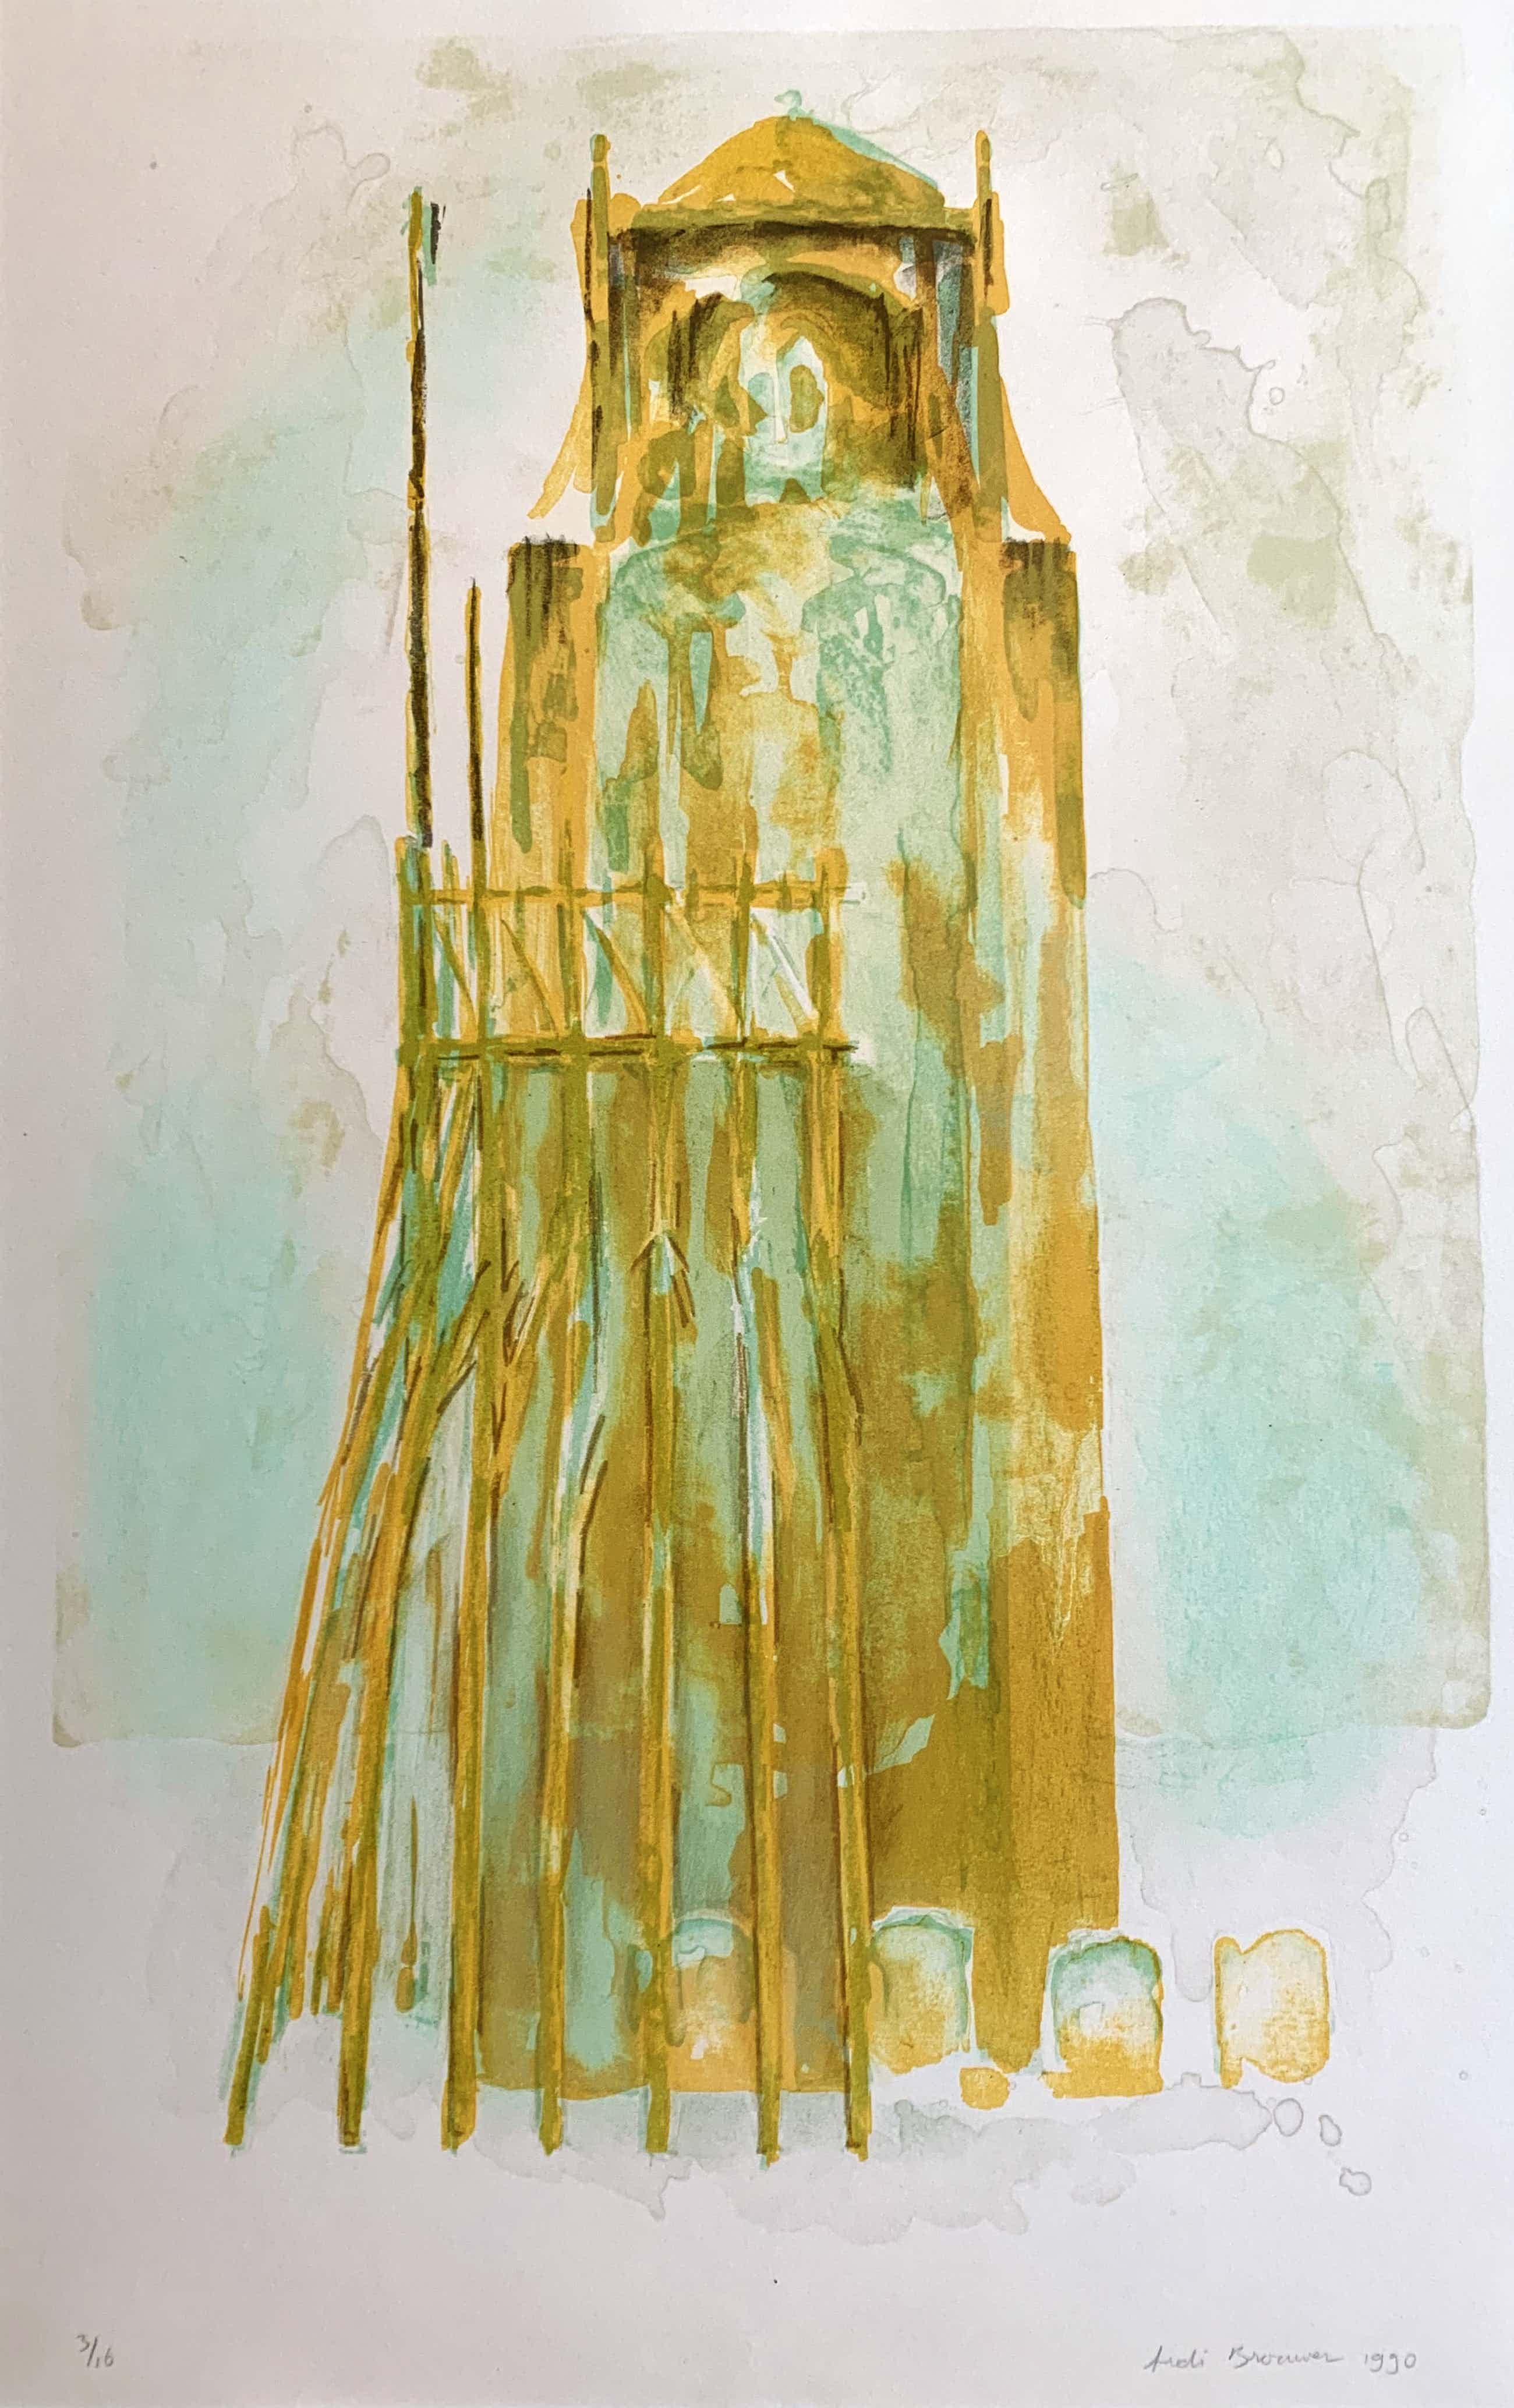 Ardi Brouwer - kleurenlitho - 'Toren III' - 1990 (Kleine oplage) kopen? Bied vanaf 70!